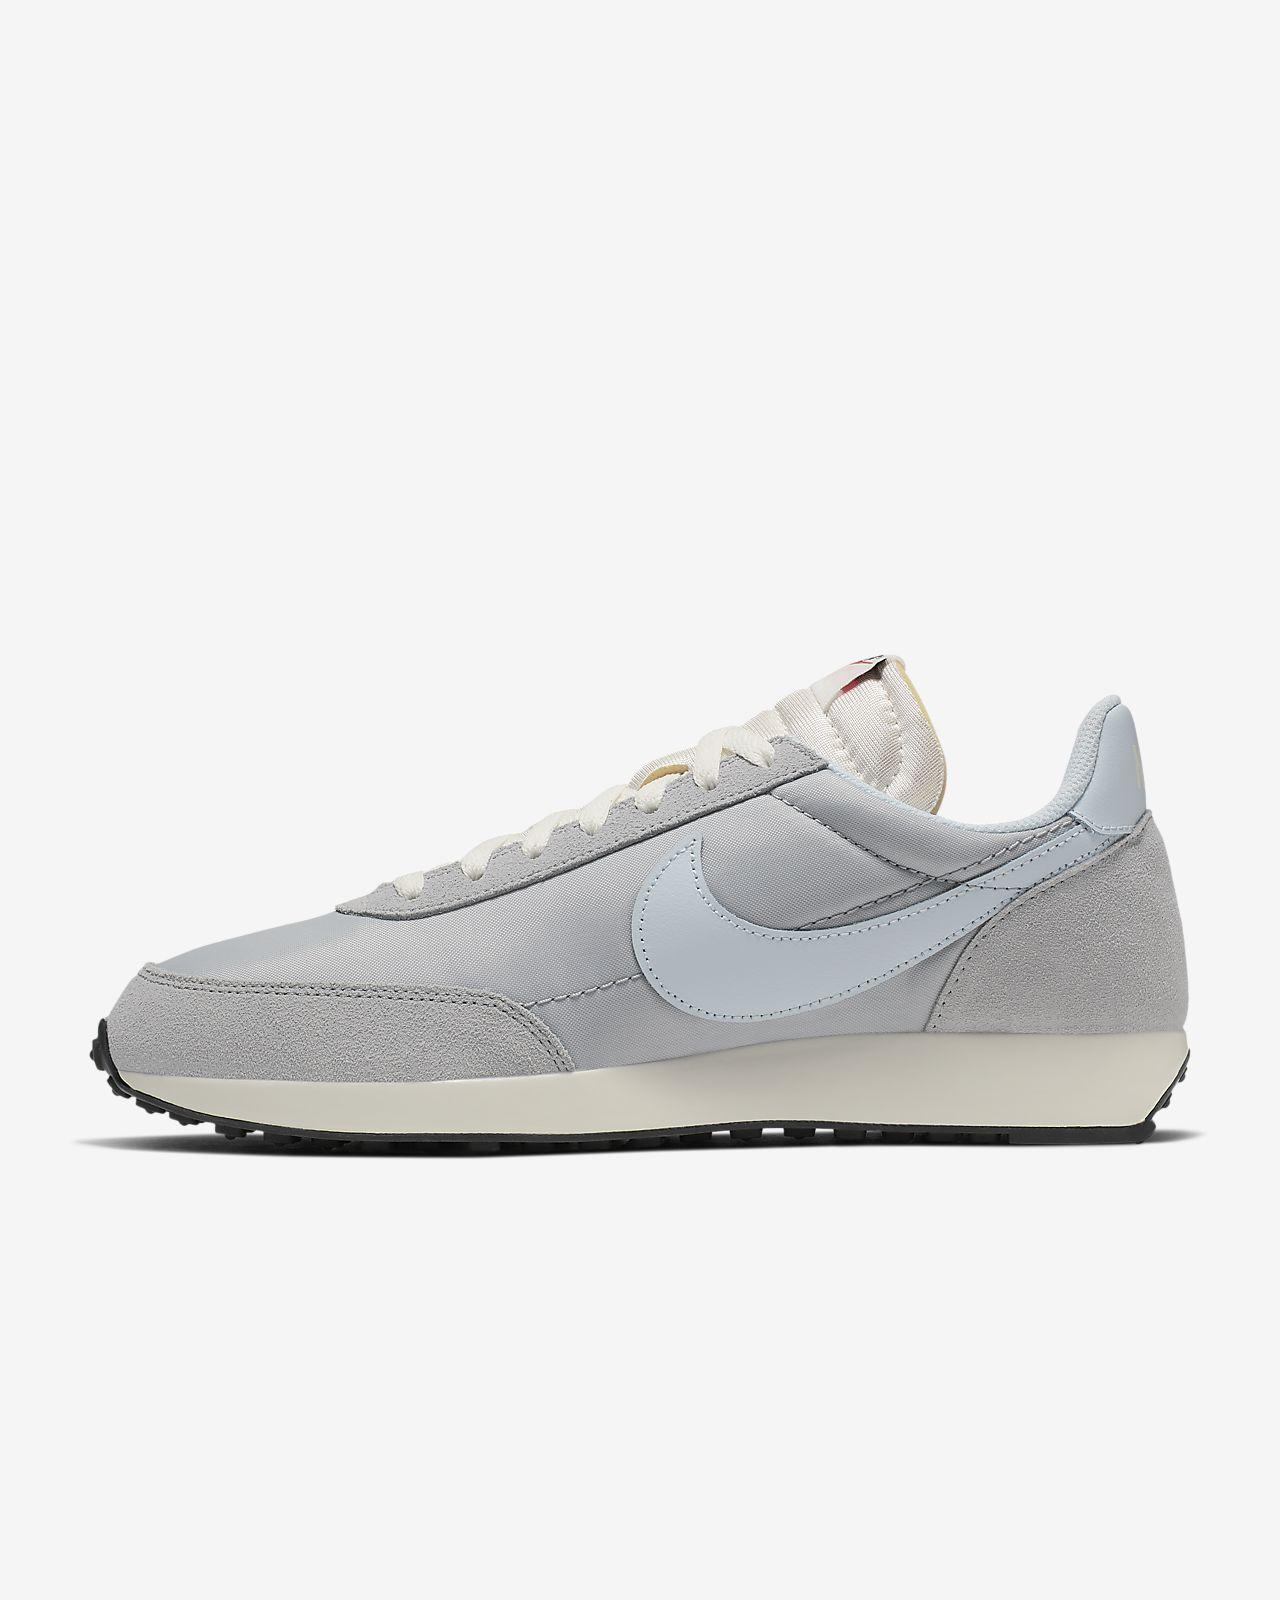 Nike Air Tailwind 79 Schoen